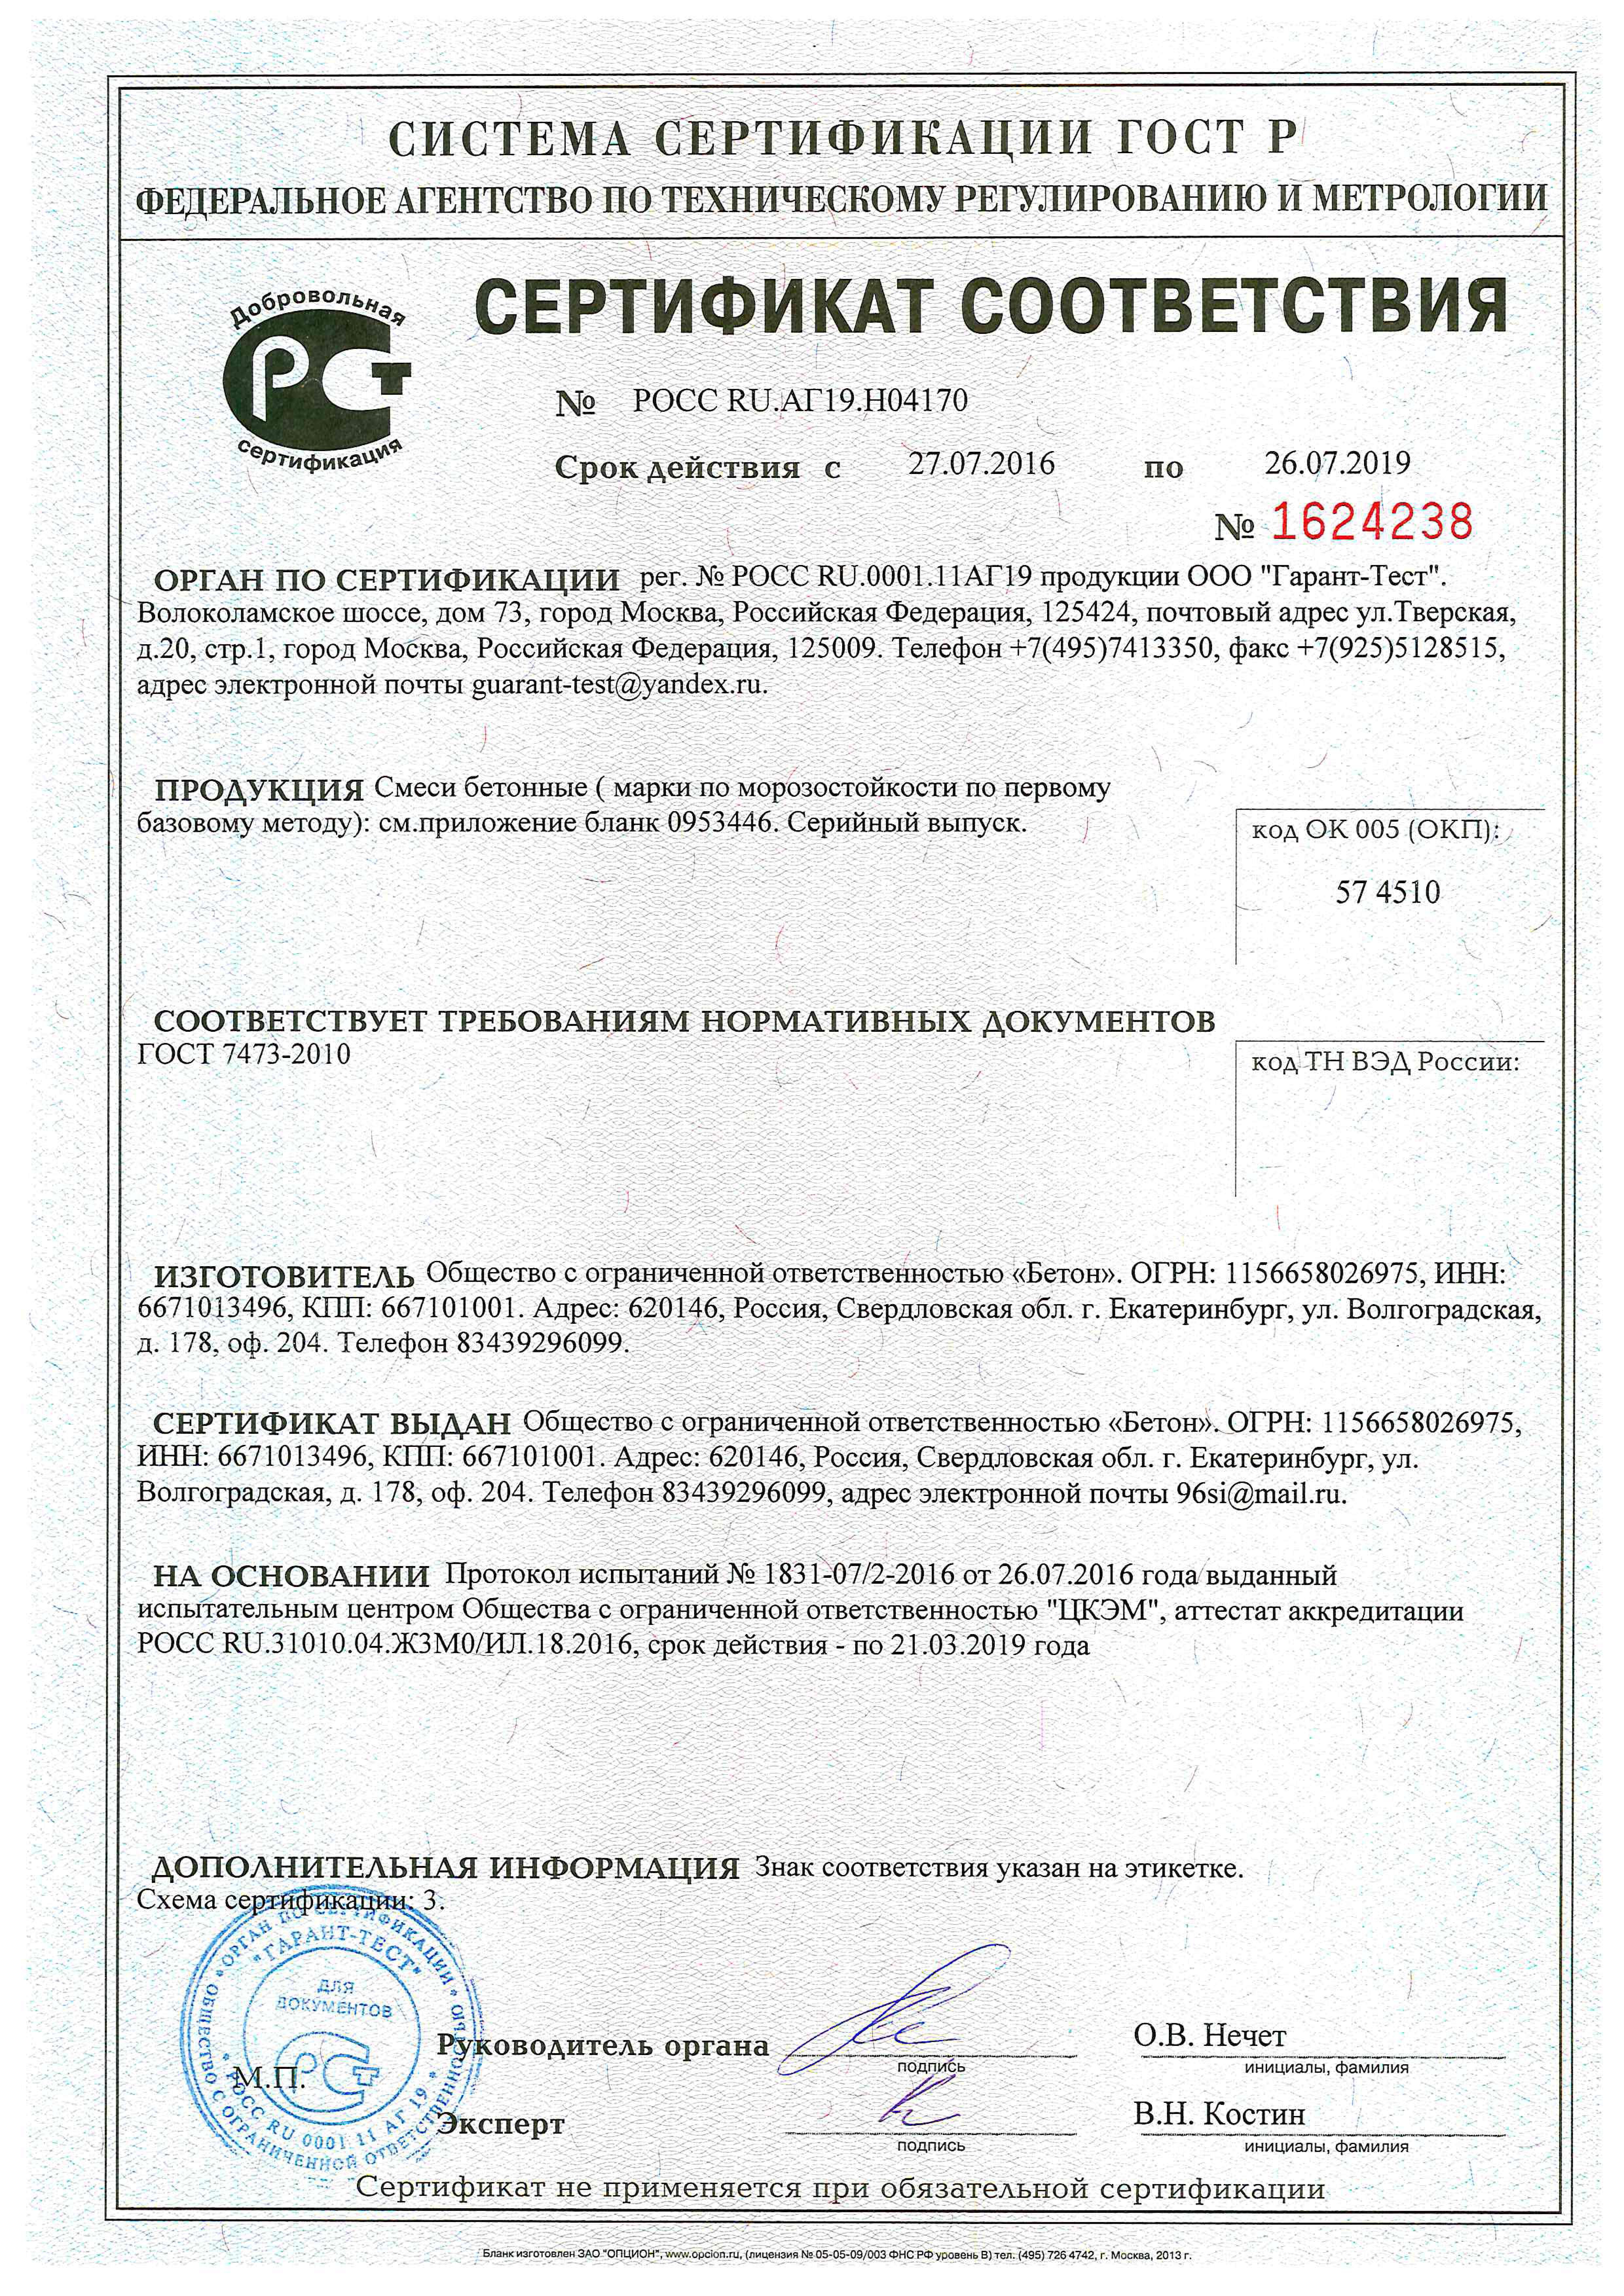 Сертификат соответствия смеси бетонные в15 матрица из бетона